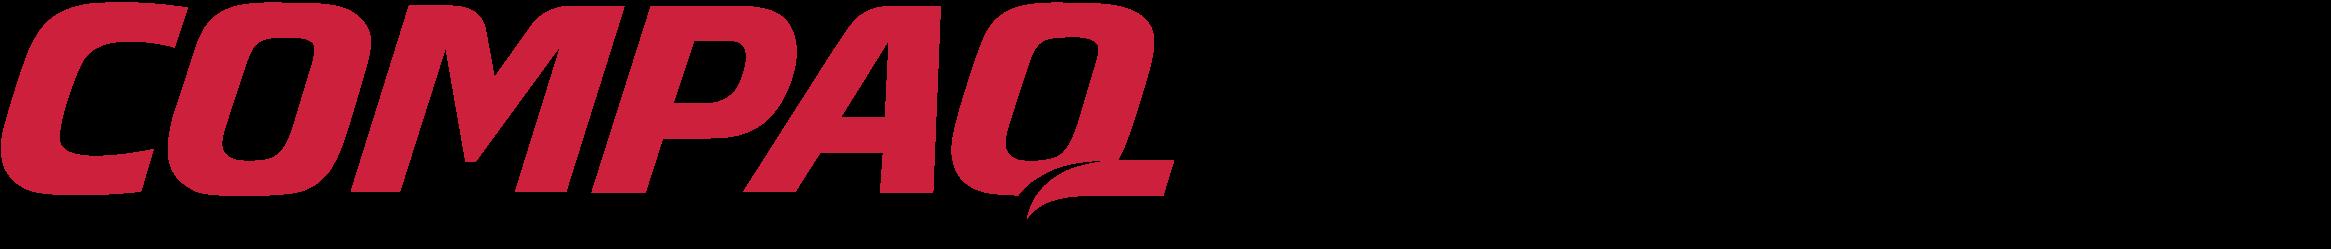 HD Compaq Logo Png Transparent.